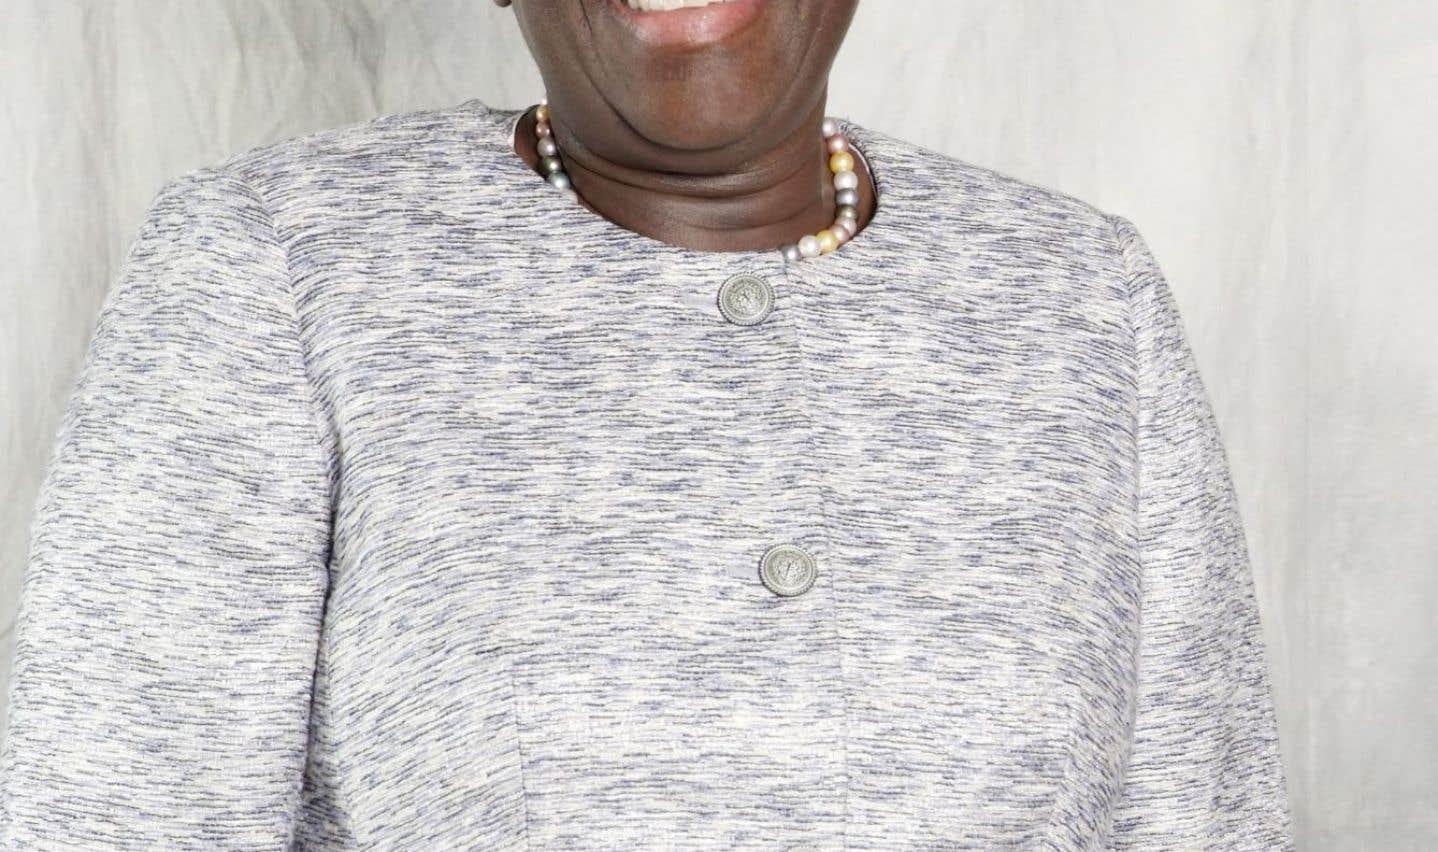 La directrice de l'Institut de la Francophonie pour le développement durable, Fatimata Dia